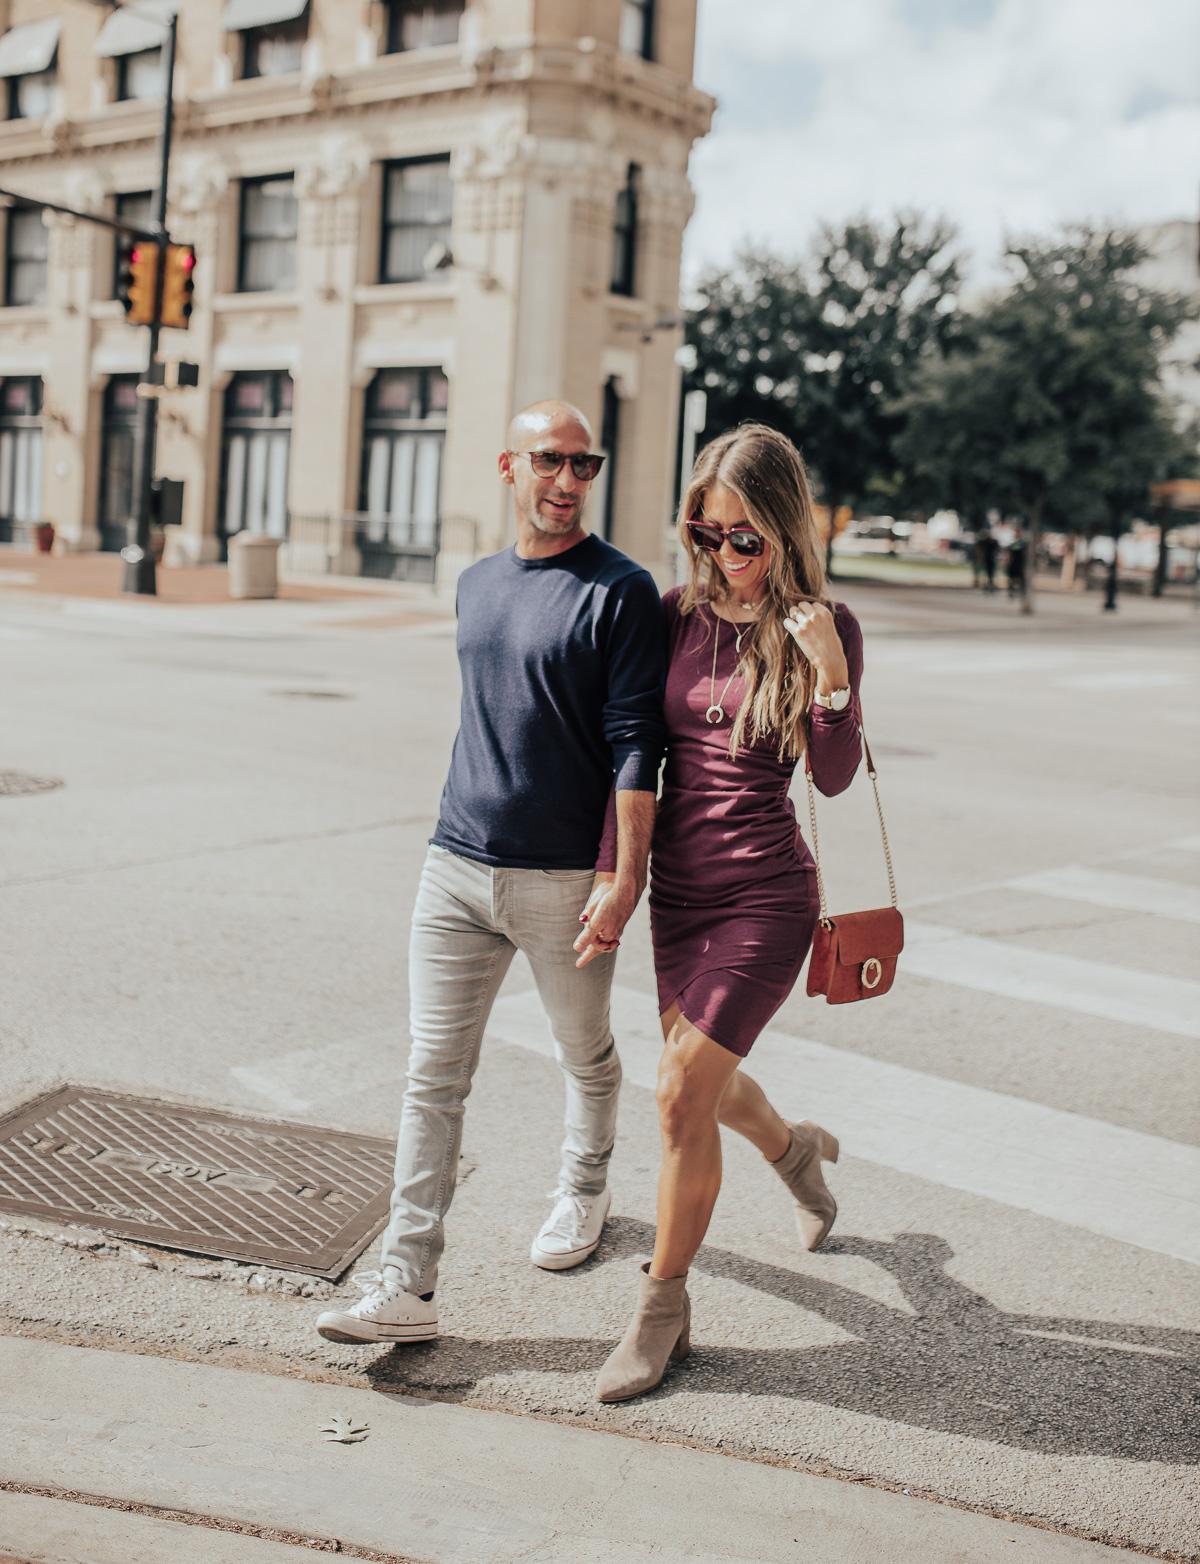 mens fashion staples for fall